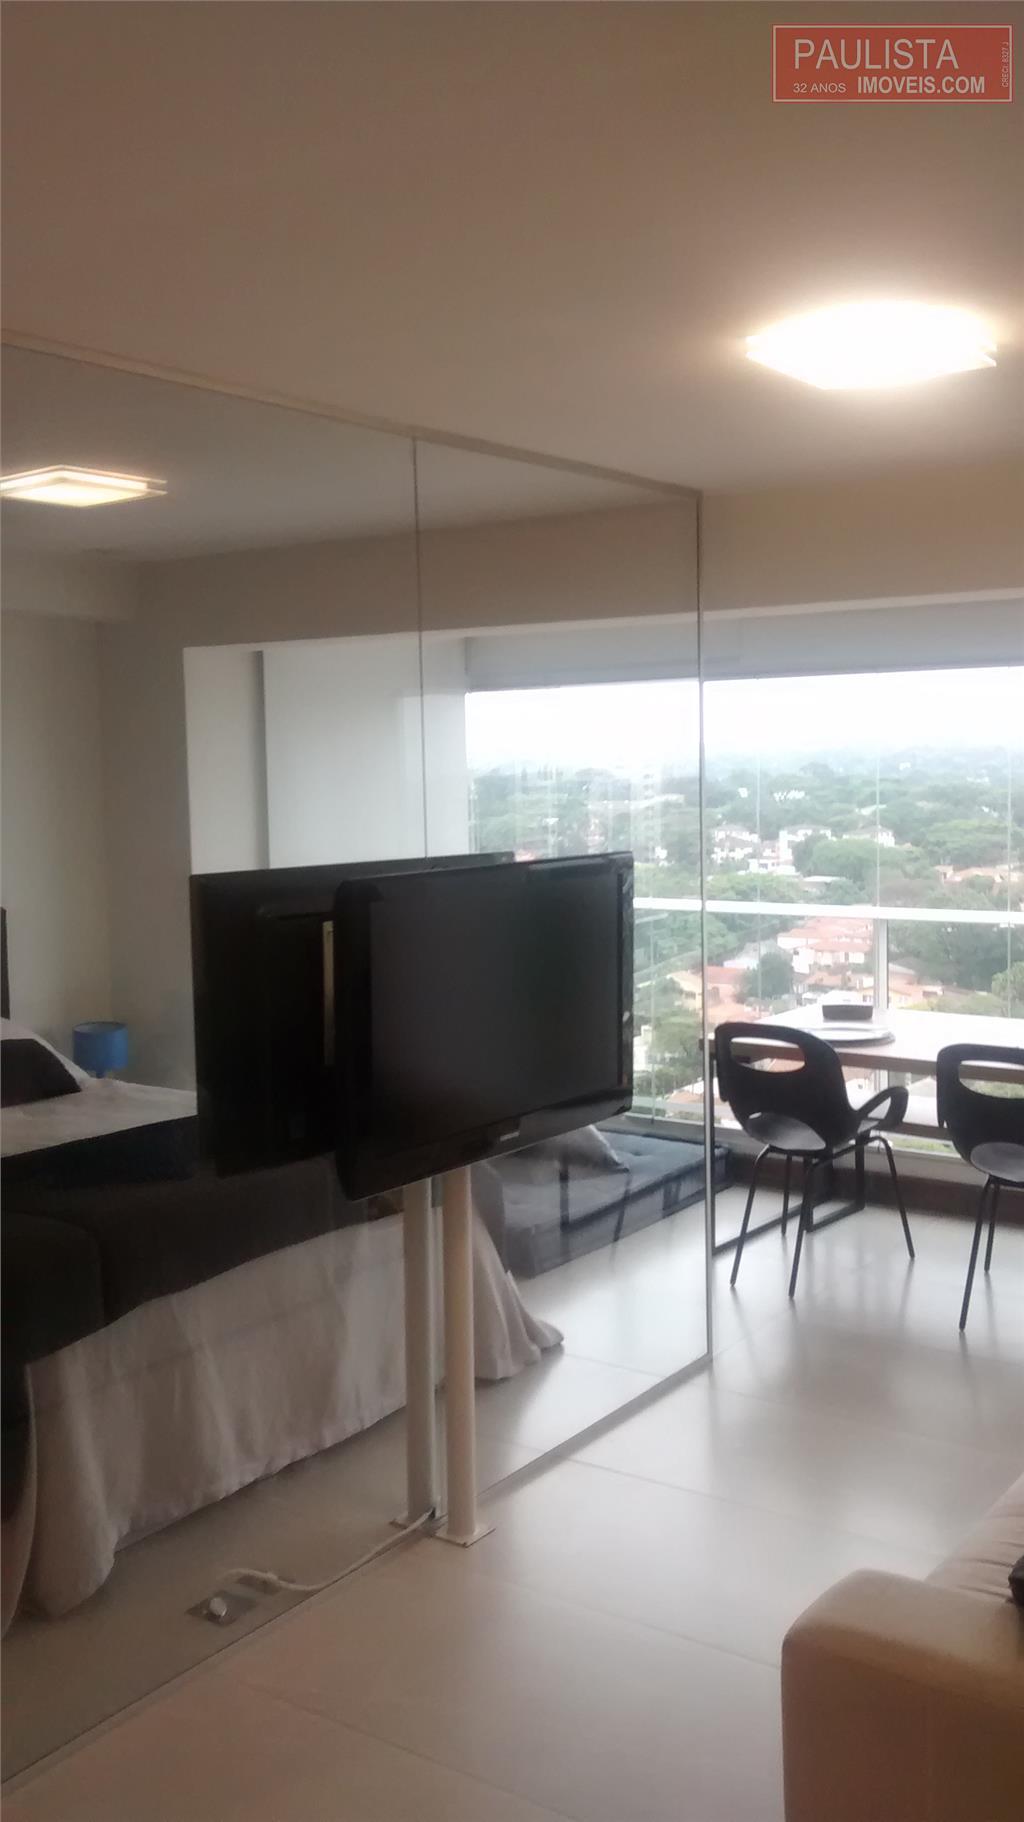 Apto 1 Dorm, Campo Belo, São Paulo (AP12685) - Foto 2